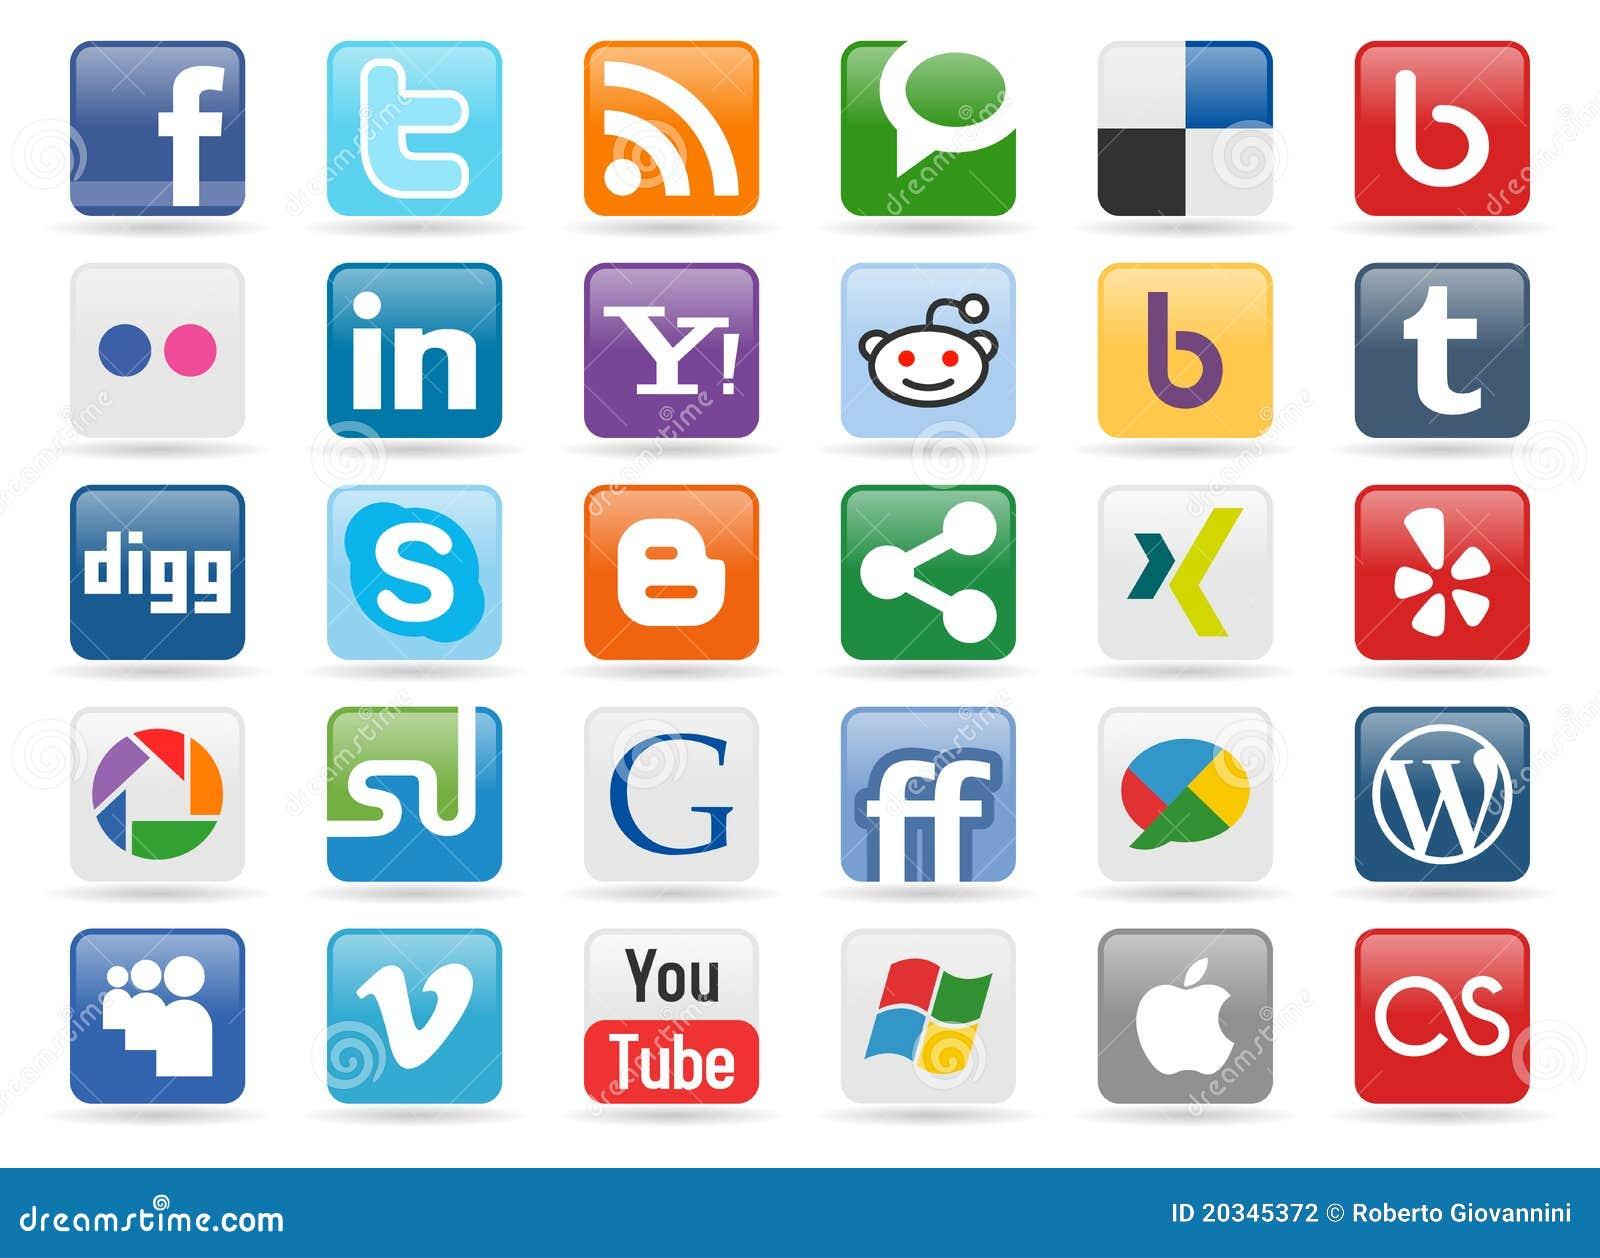 Boutons sociaux de medias